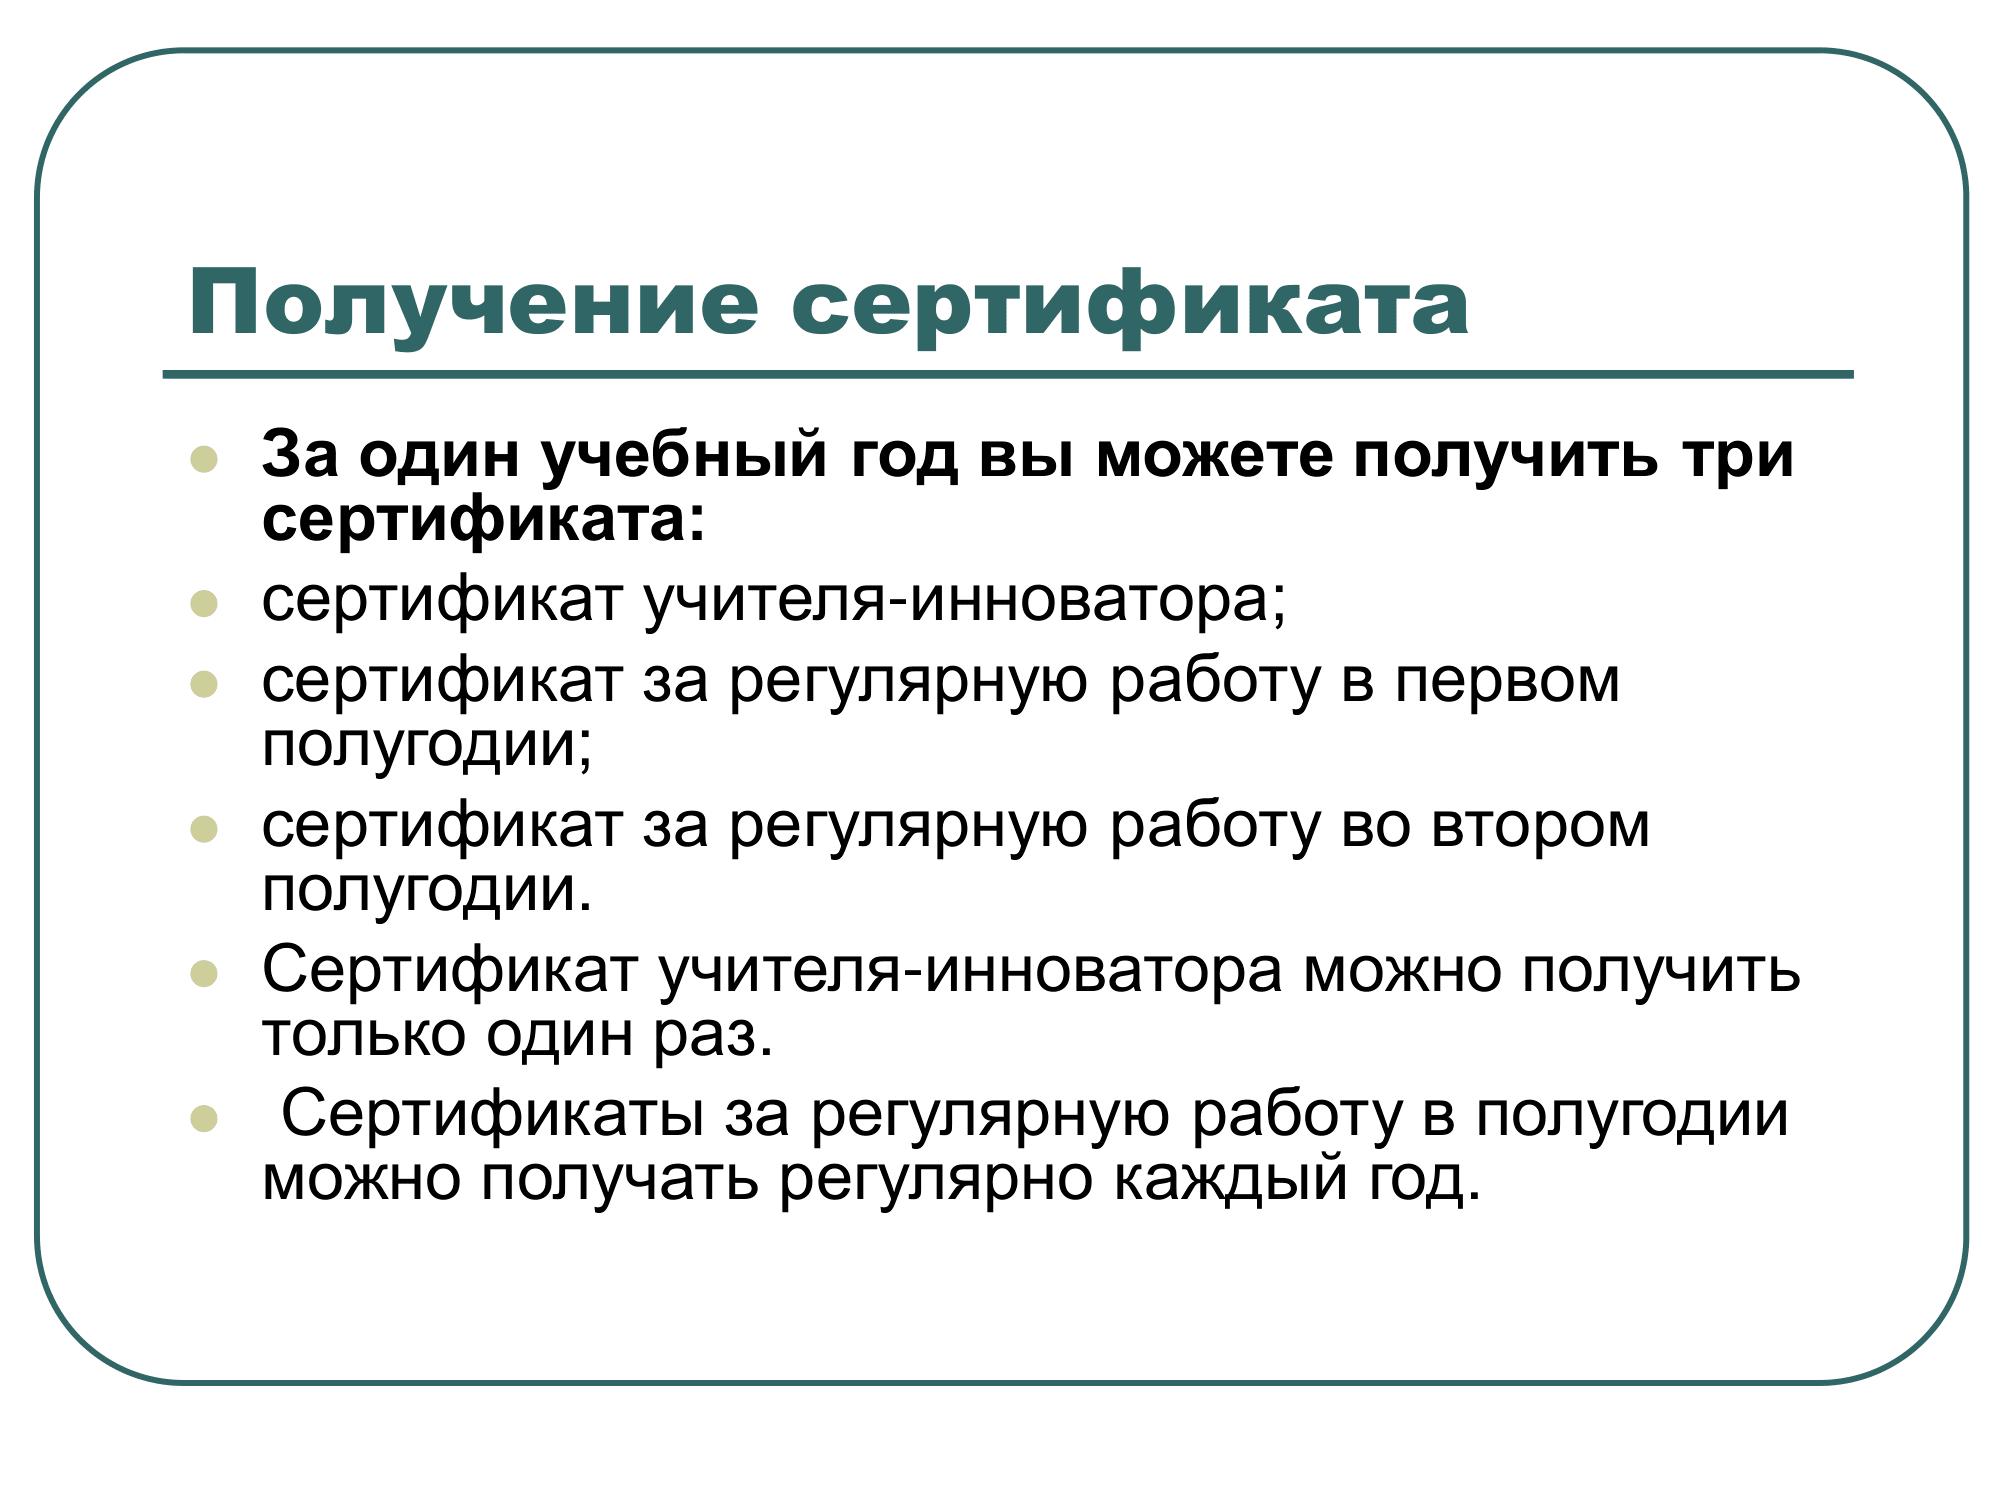 яндекс учебник. Презентация к докладу Васильченко Т.В._0011